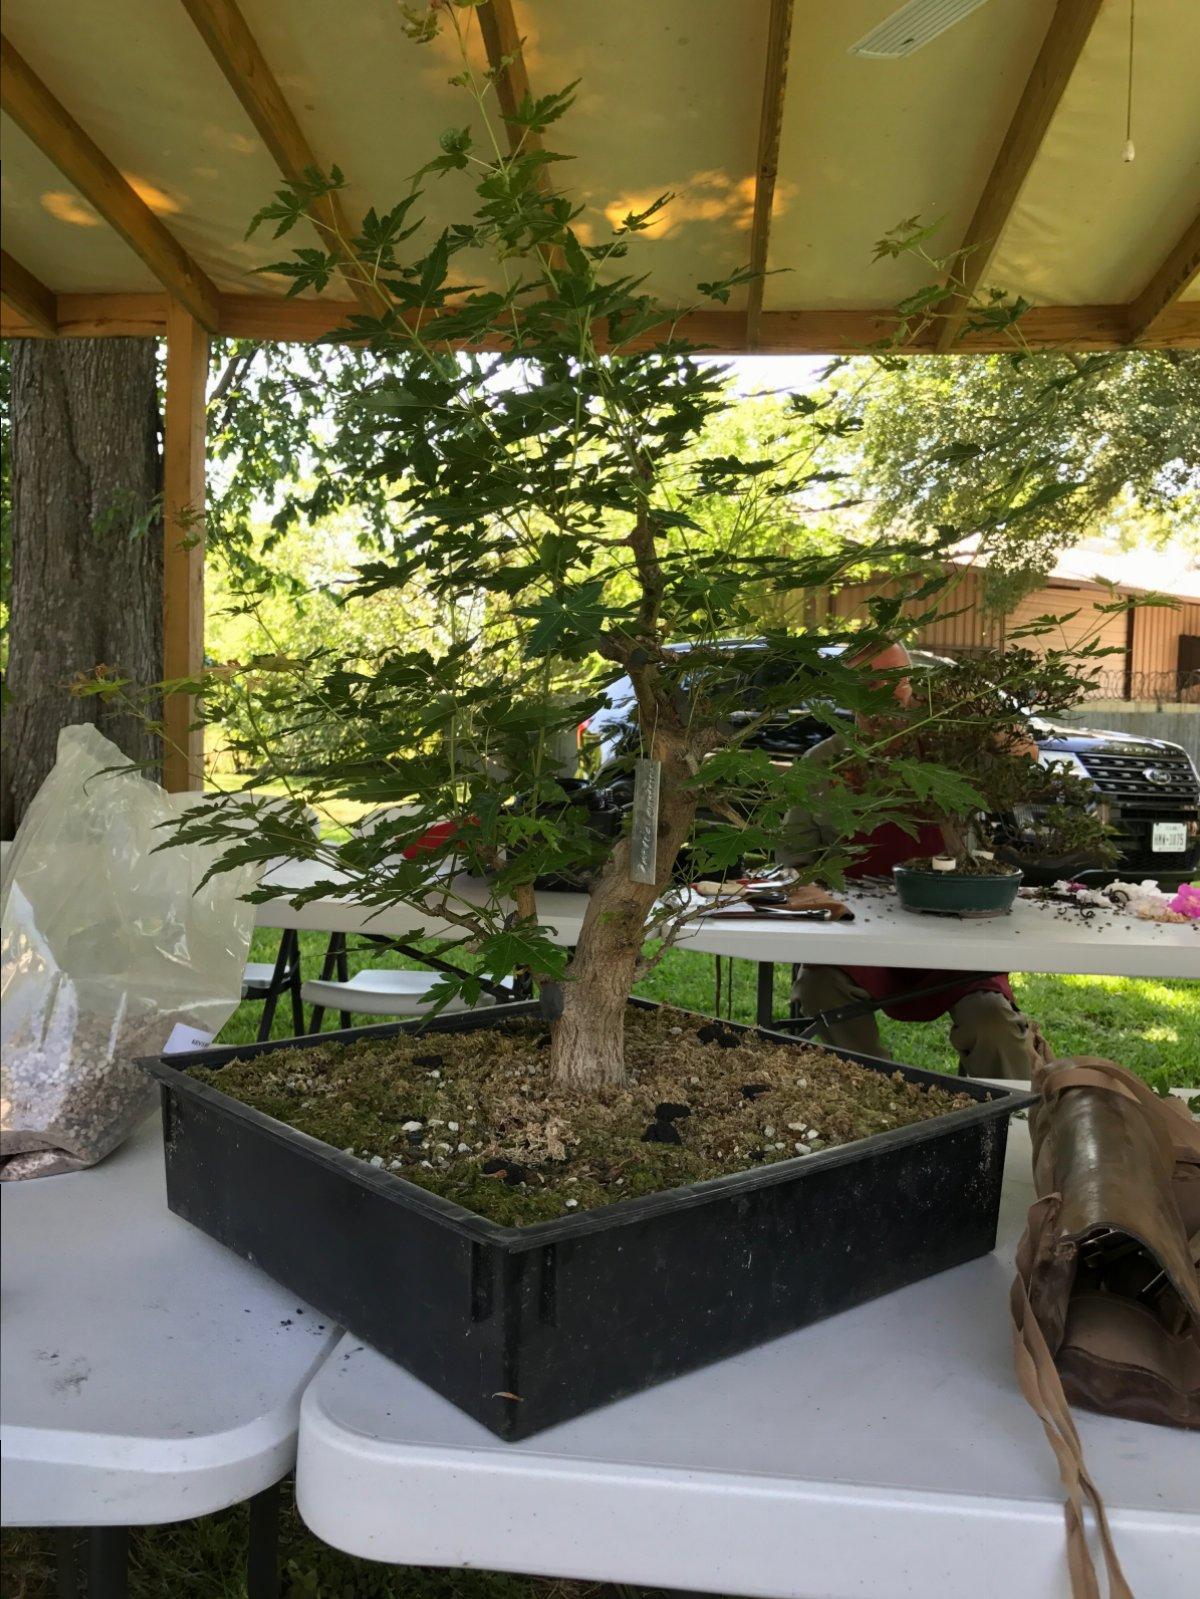 Sensational Developing Bonsai Maple Branches Spring Work Growing Bonsai Wiring Digital Resources Dylitashwinbiharinl